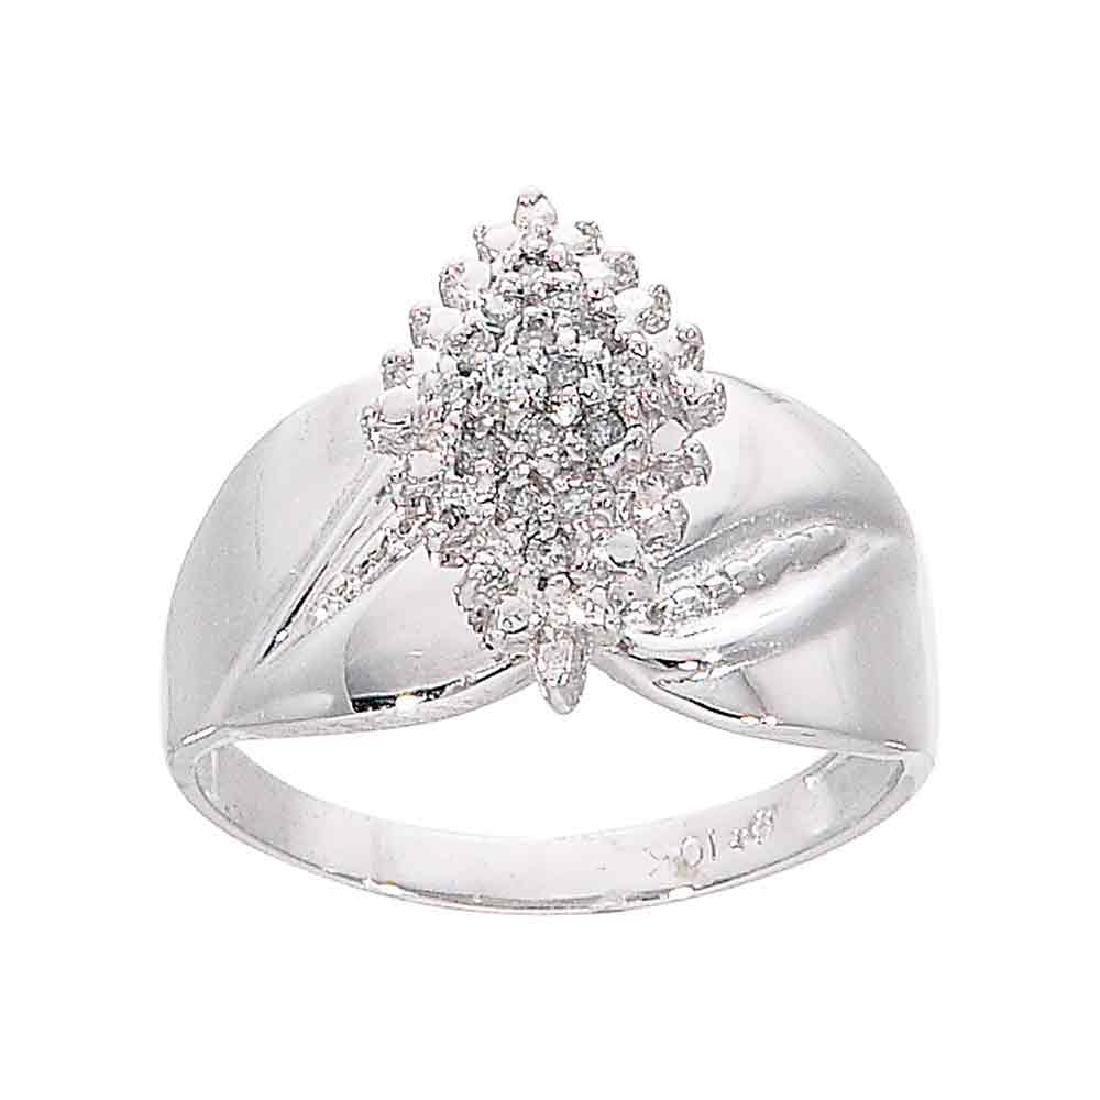 0.12 CTW Diamond Cluster Ring 10KT White Gold -